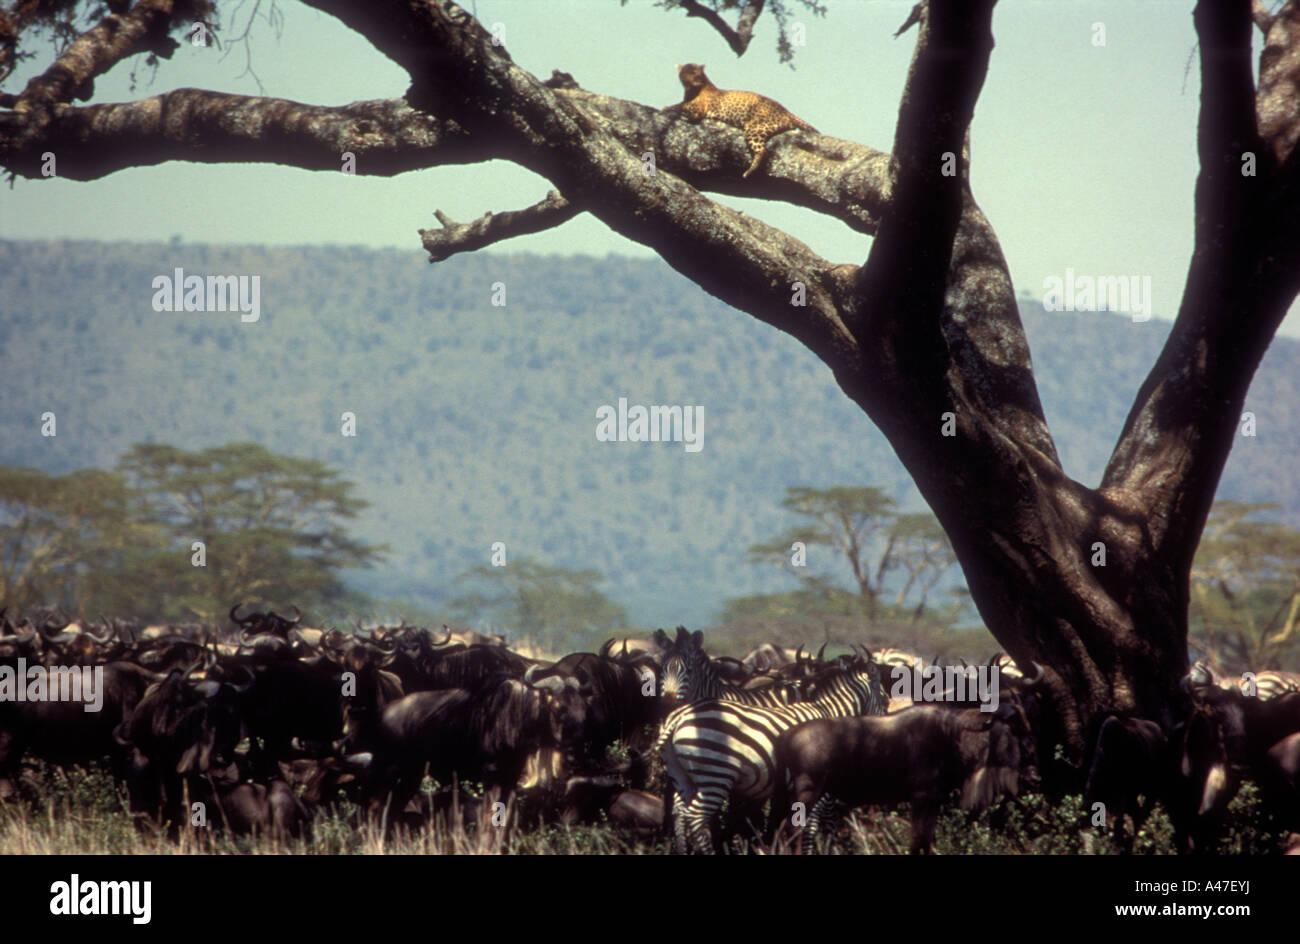 Gnous et zèbres commun en vertu de l'arbre avec leopard sur une branche au-dessus du Parc National de Serengeti Photo Stock